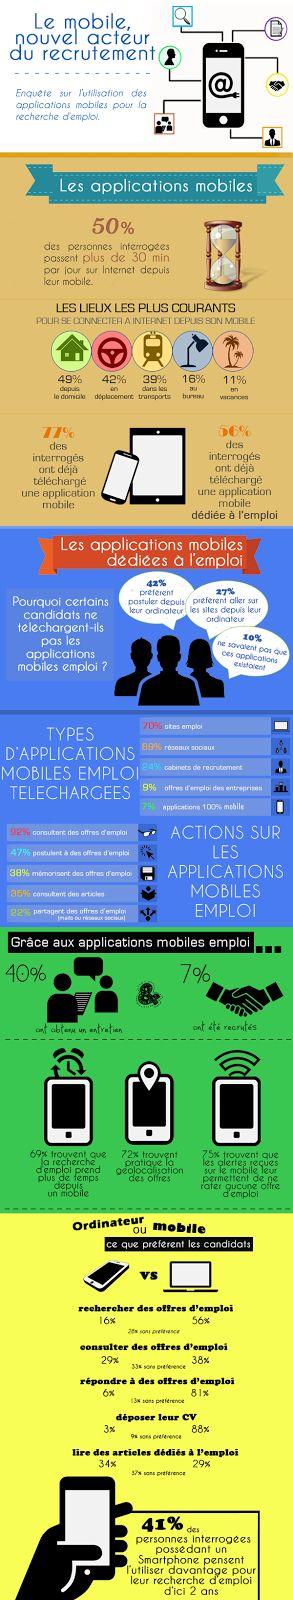 Le #mobile, nouvel acteur du #recrutement ! #RH #Recrutement #Emploi #Infographie